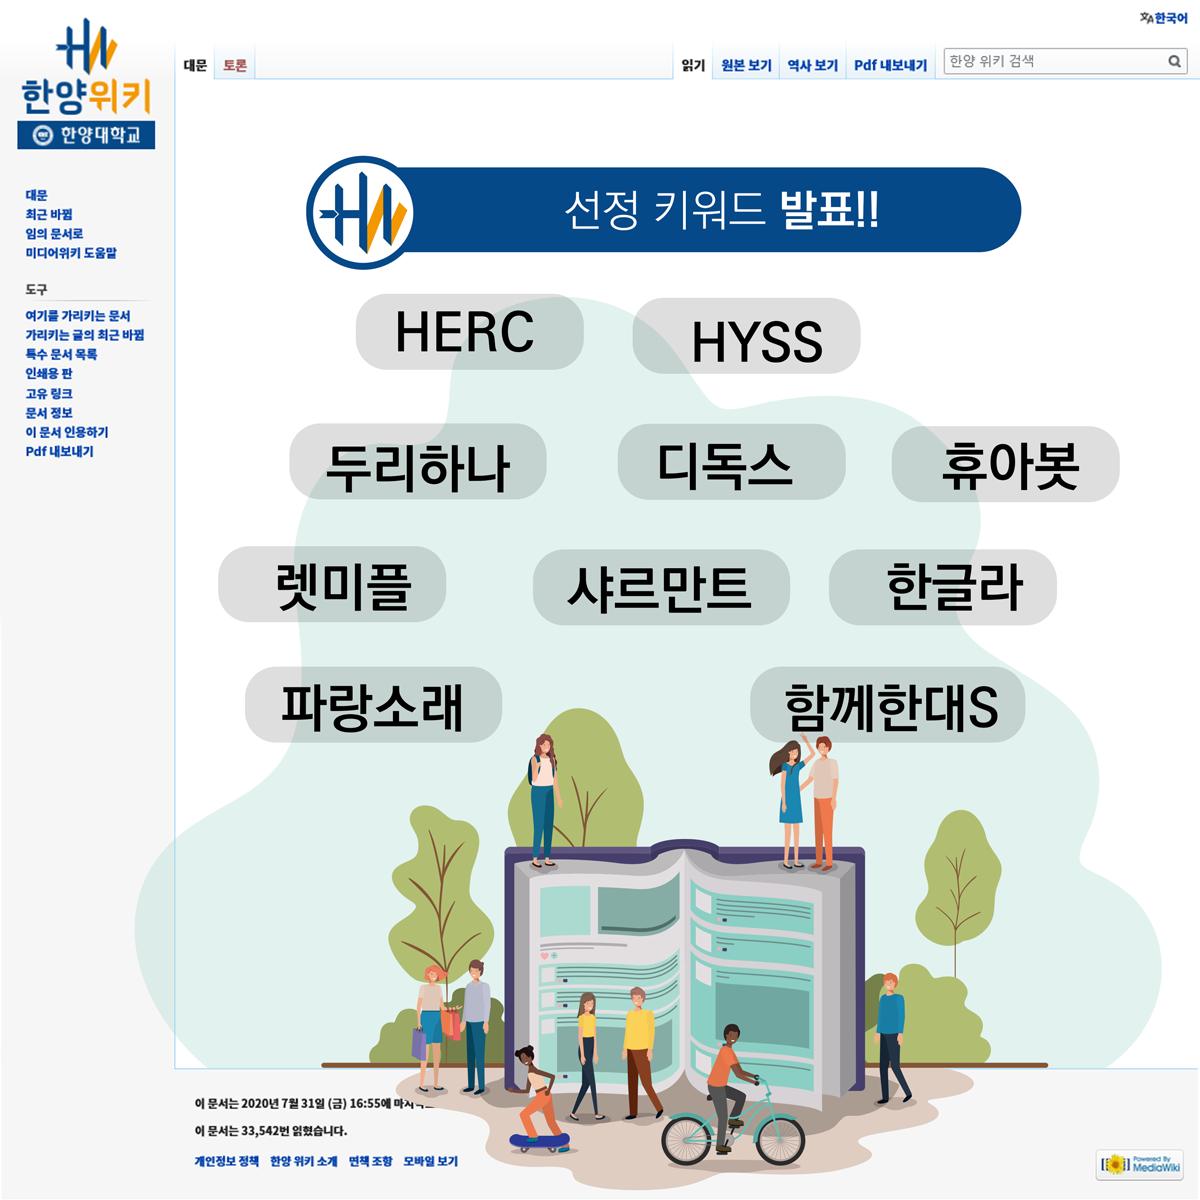 [한양위키] 기록해줘 캠페인, 10개 동아리 선정!